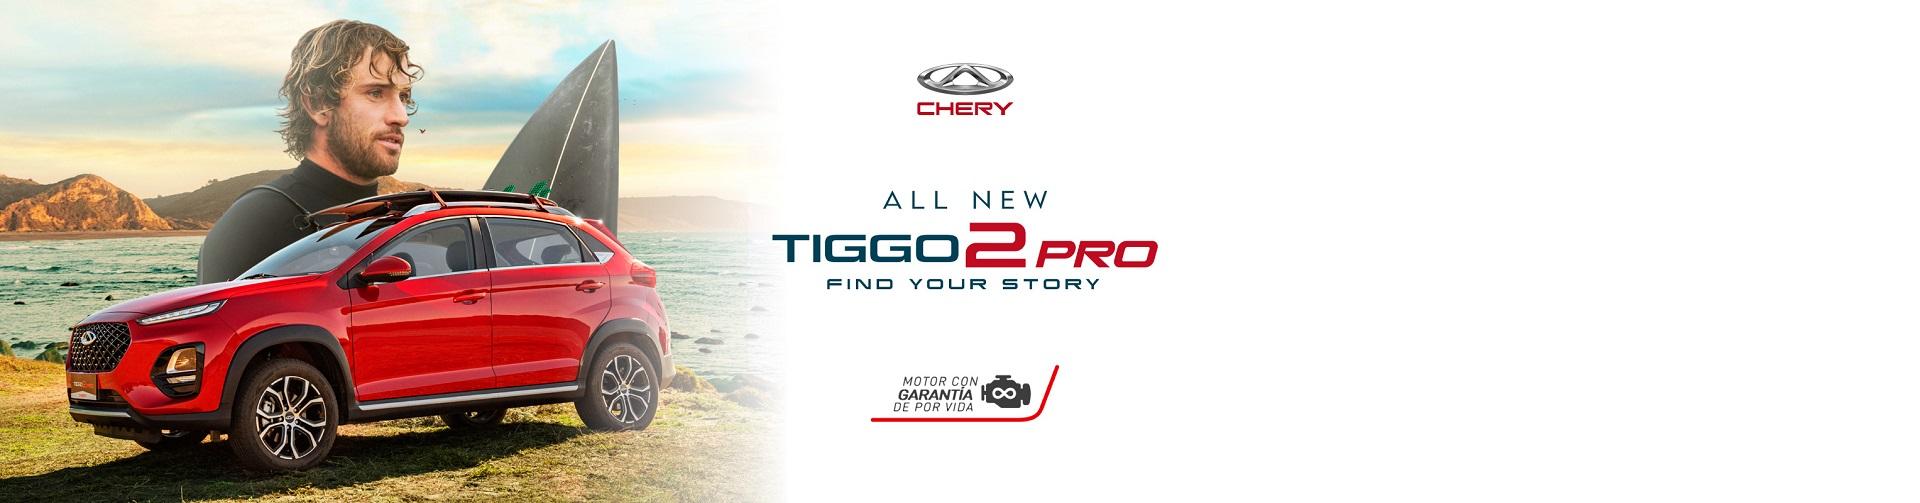 Gracia Autos - Tiggo 2 Pro